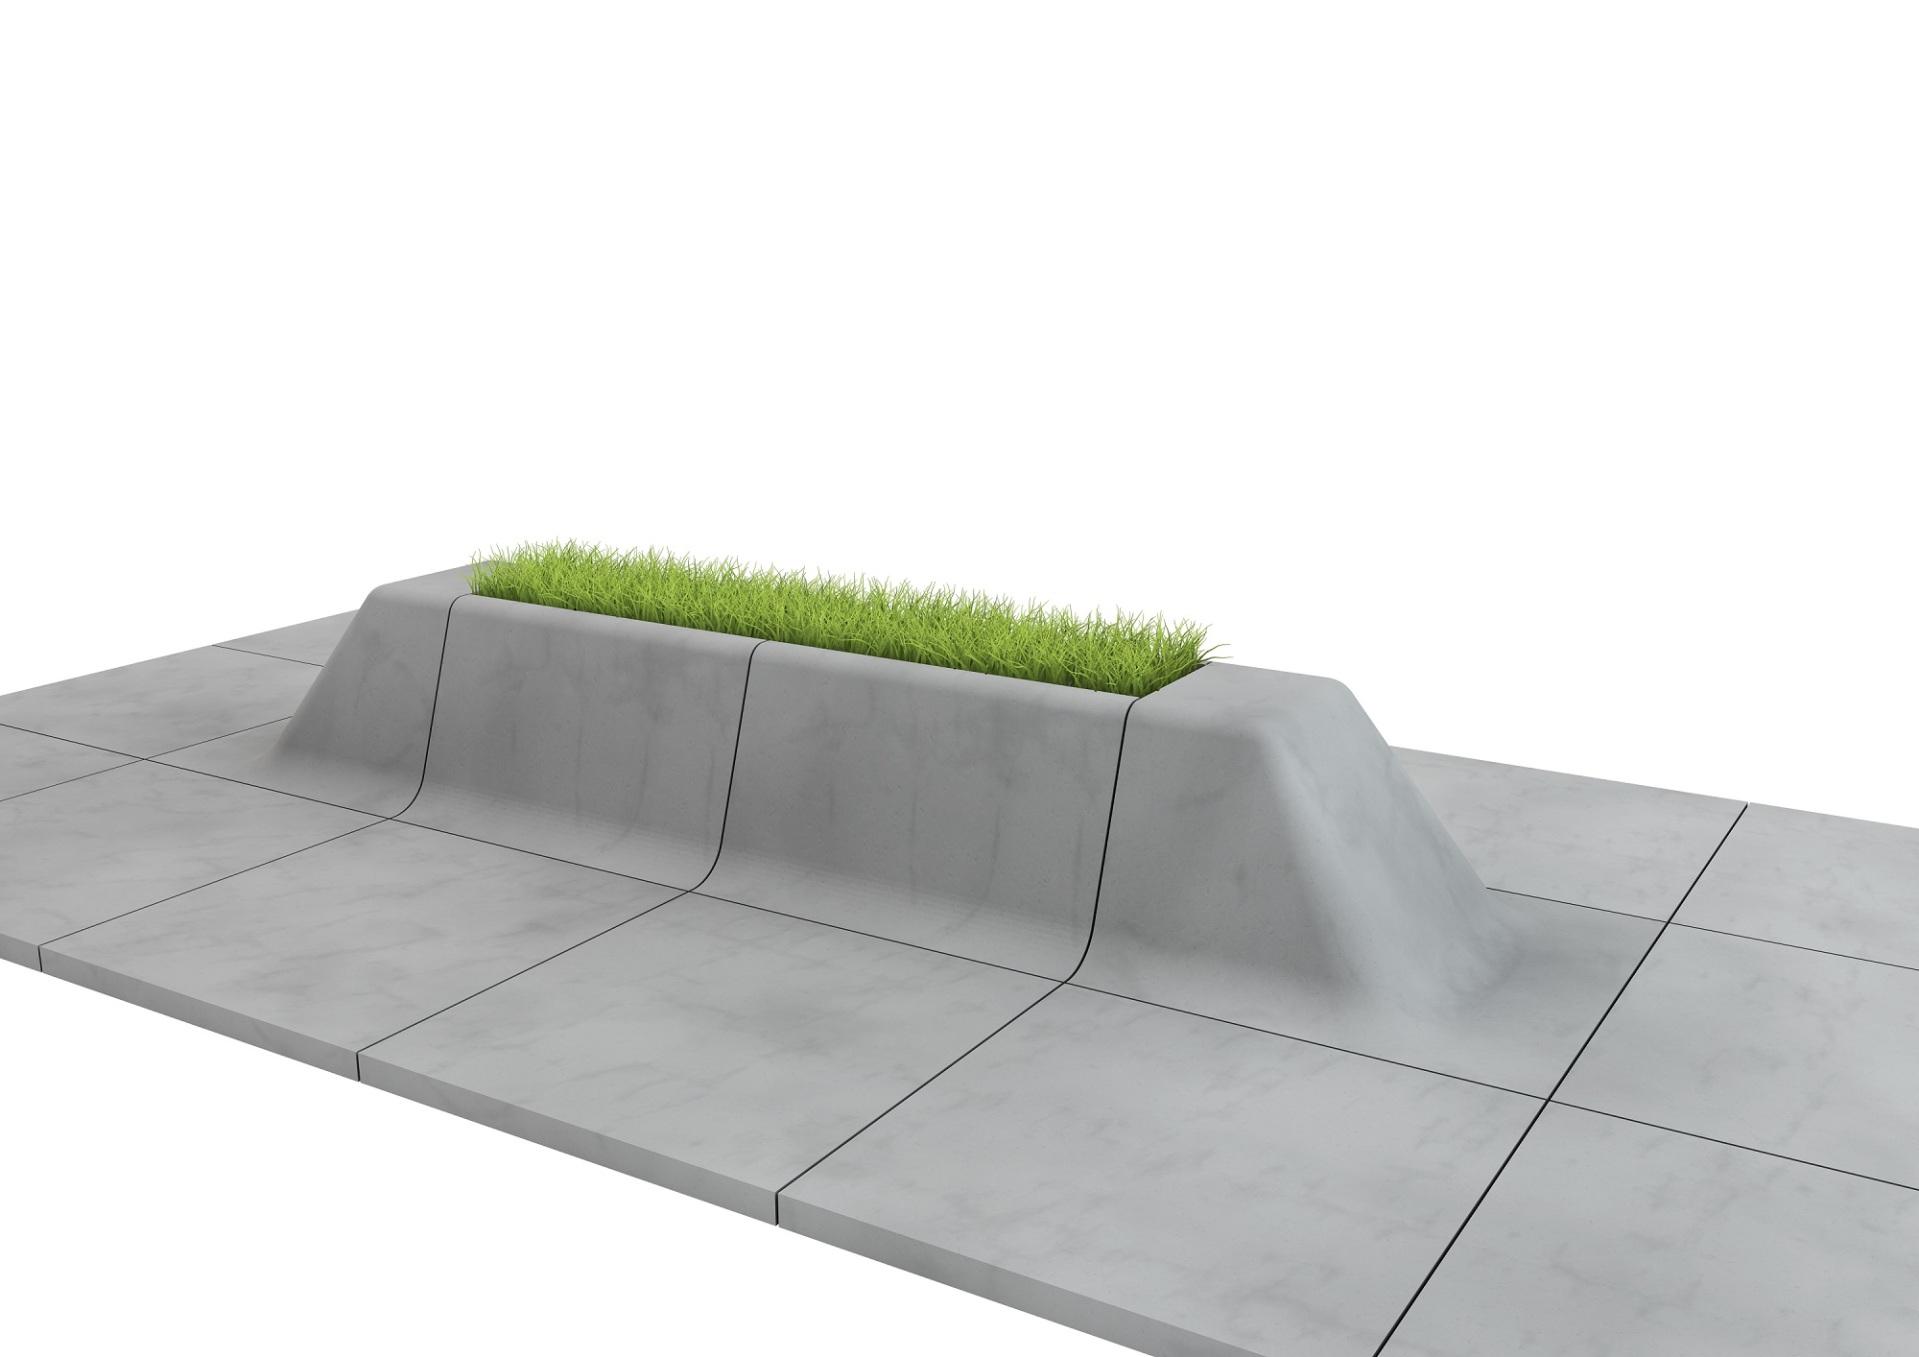 Městský mobiliář a dlažba slide 0